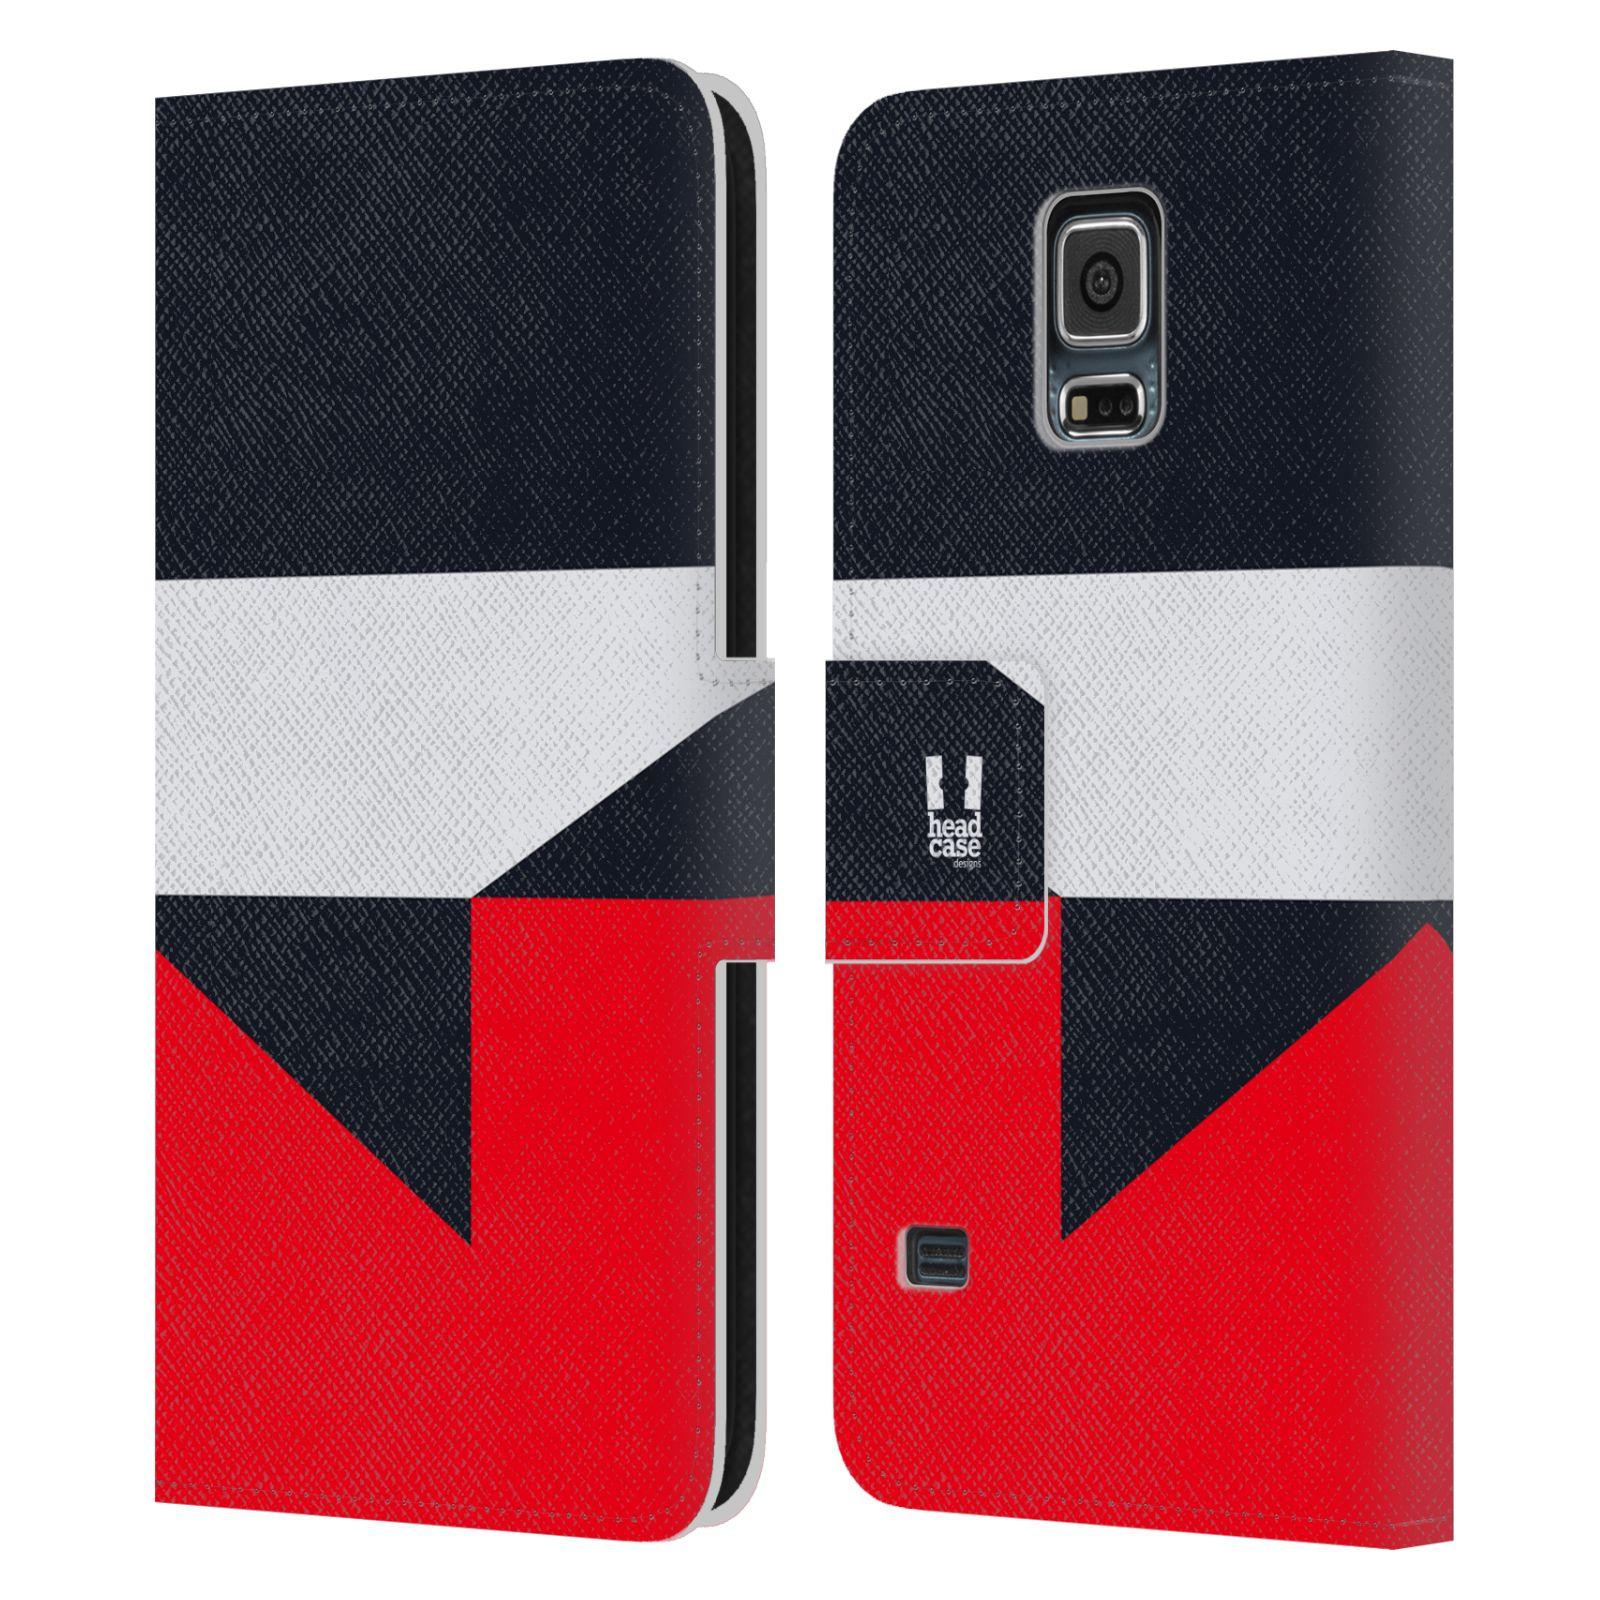 HEAD CASE Flipové pouzdro pro mobil Samsung Galaxy S5 barevné tvary černá a červená gejša